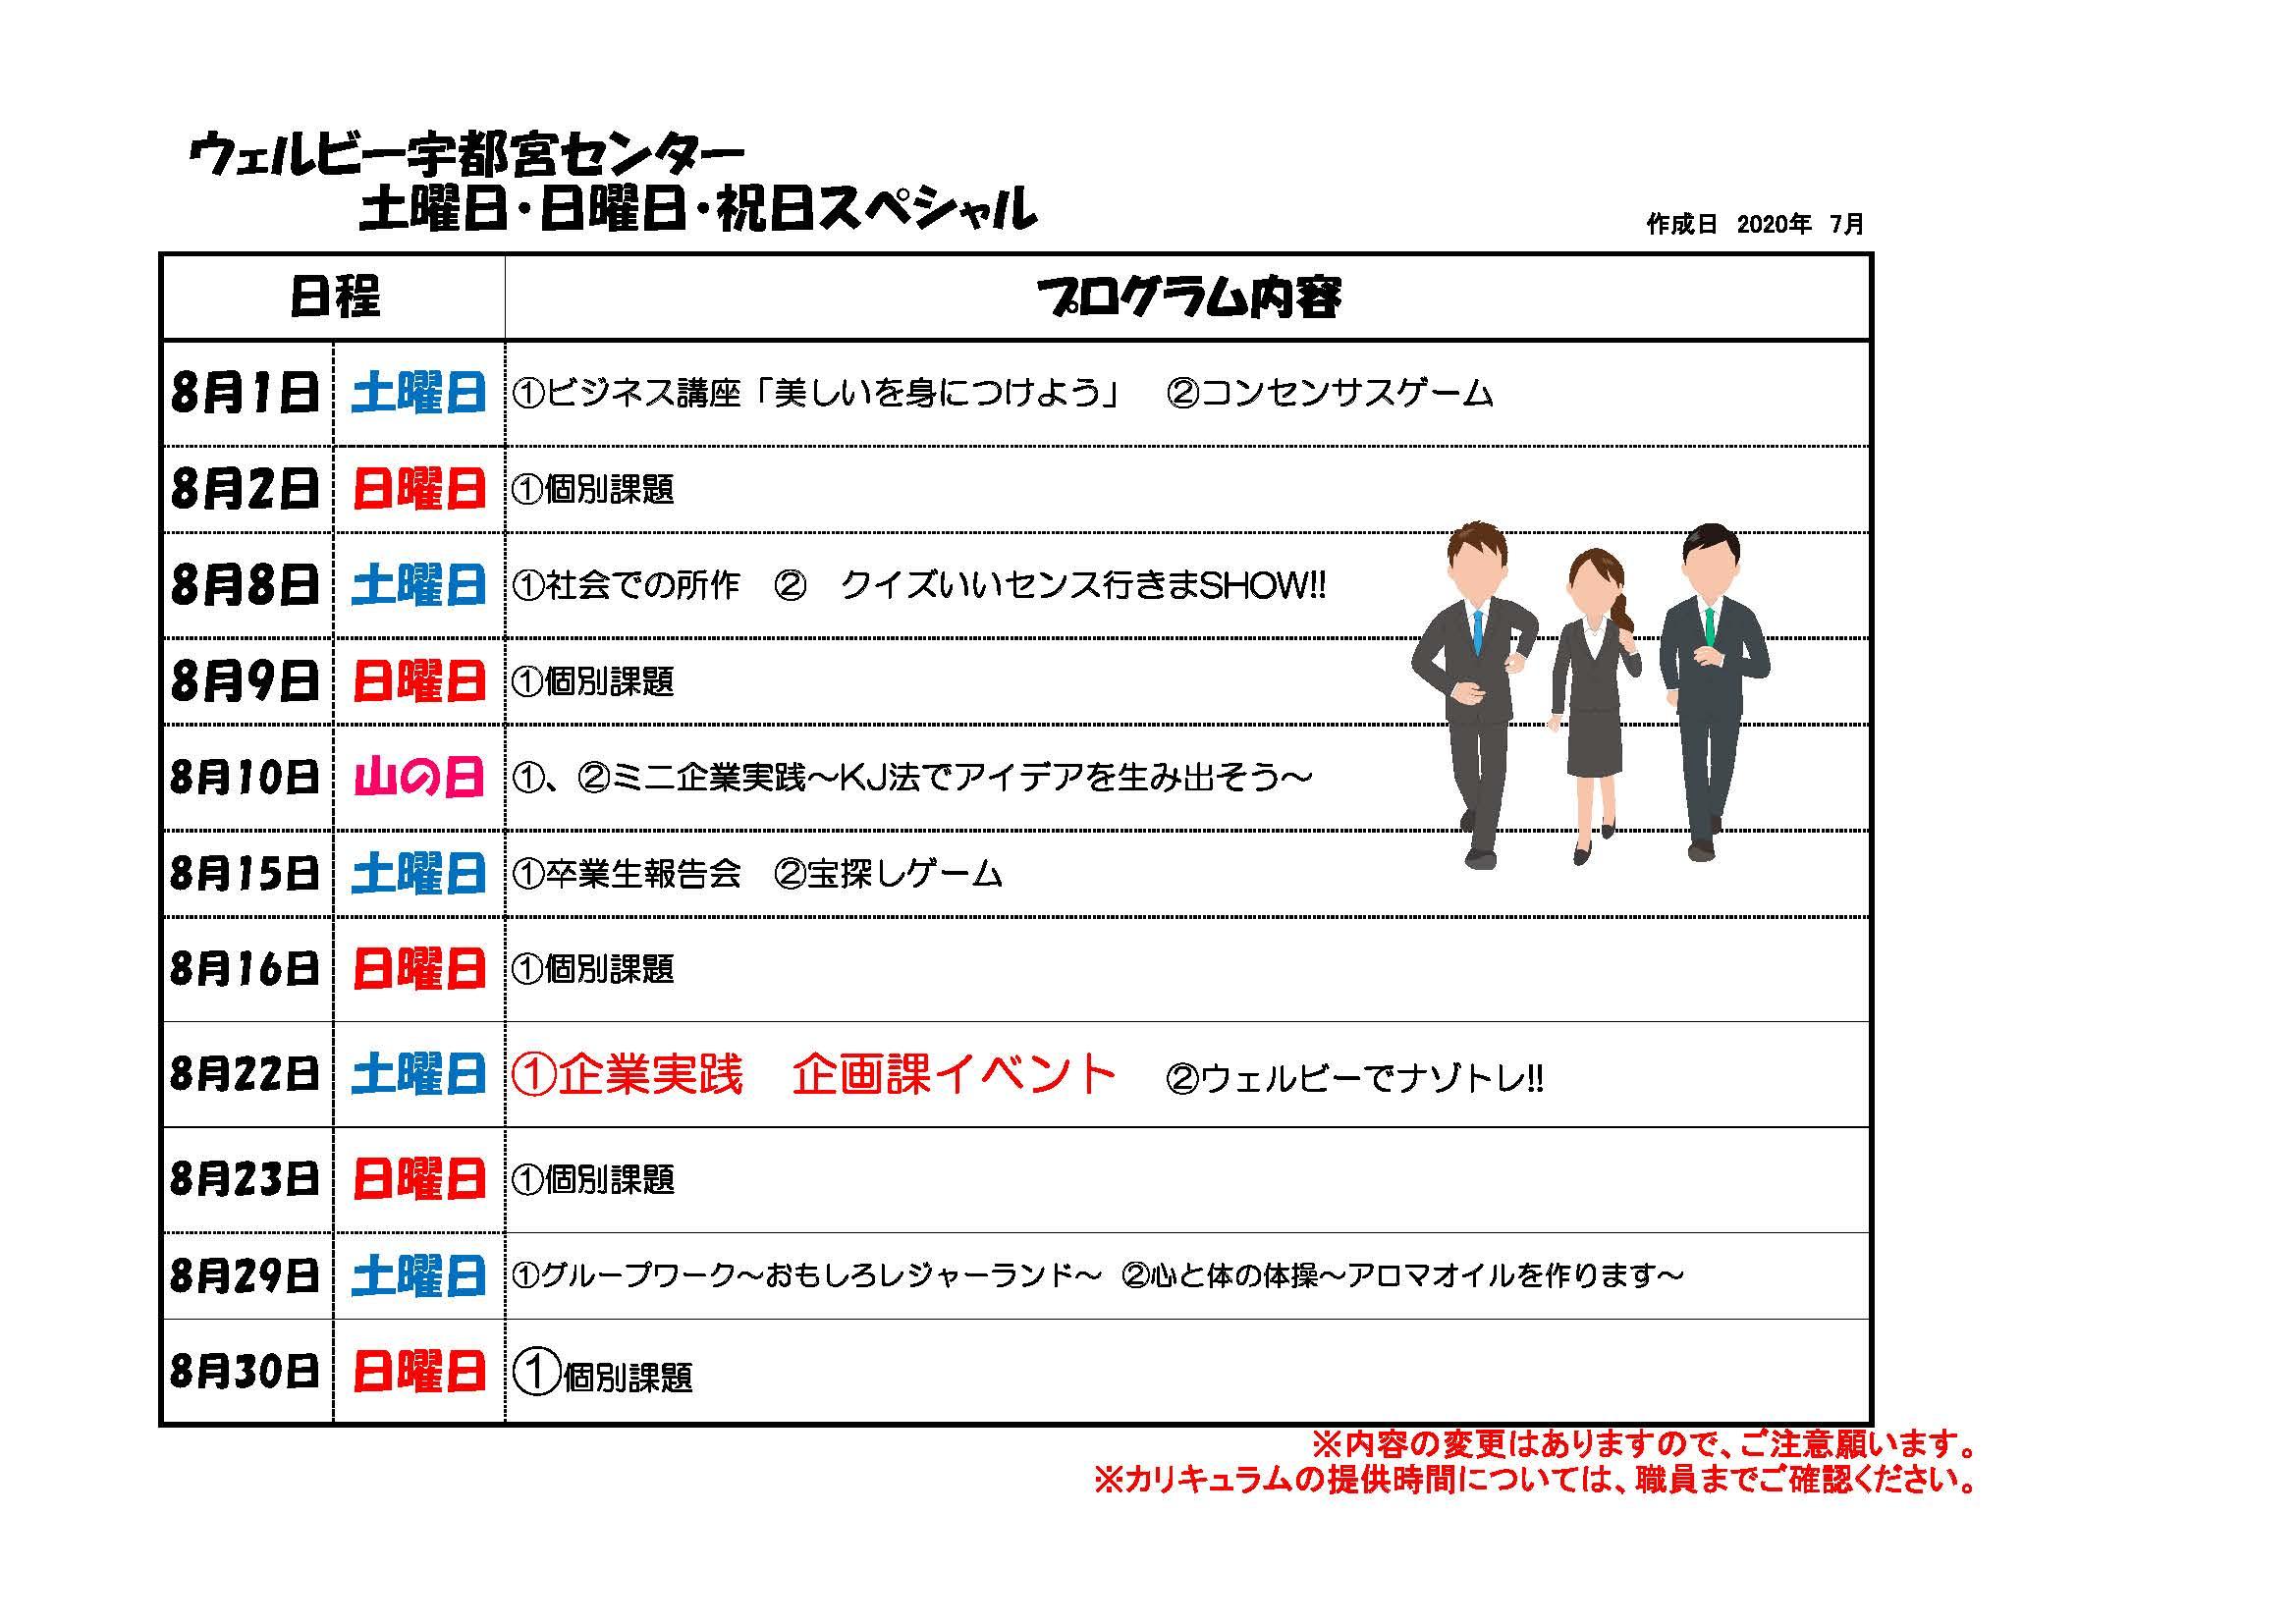 【ブログ用】2020.8月土日祝日予定表